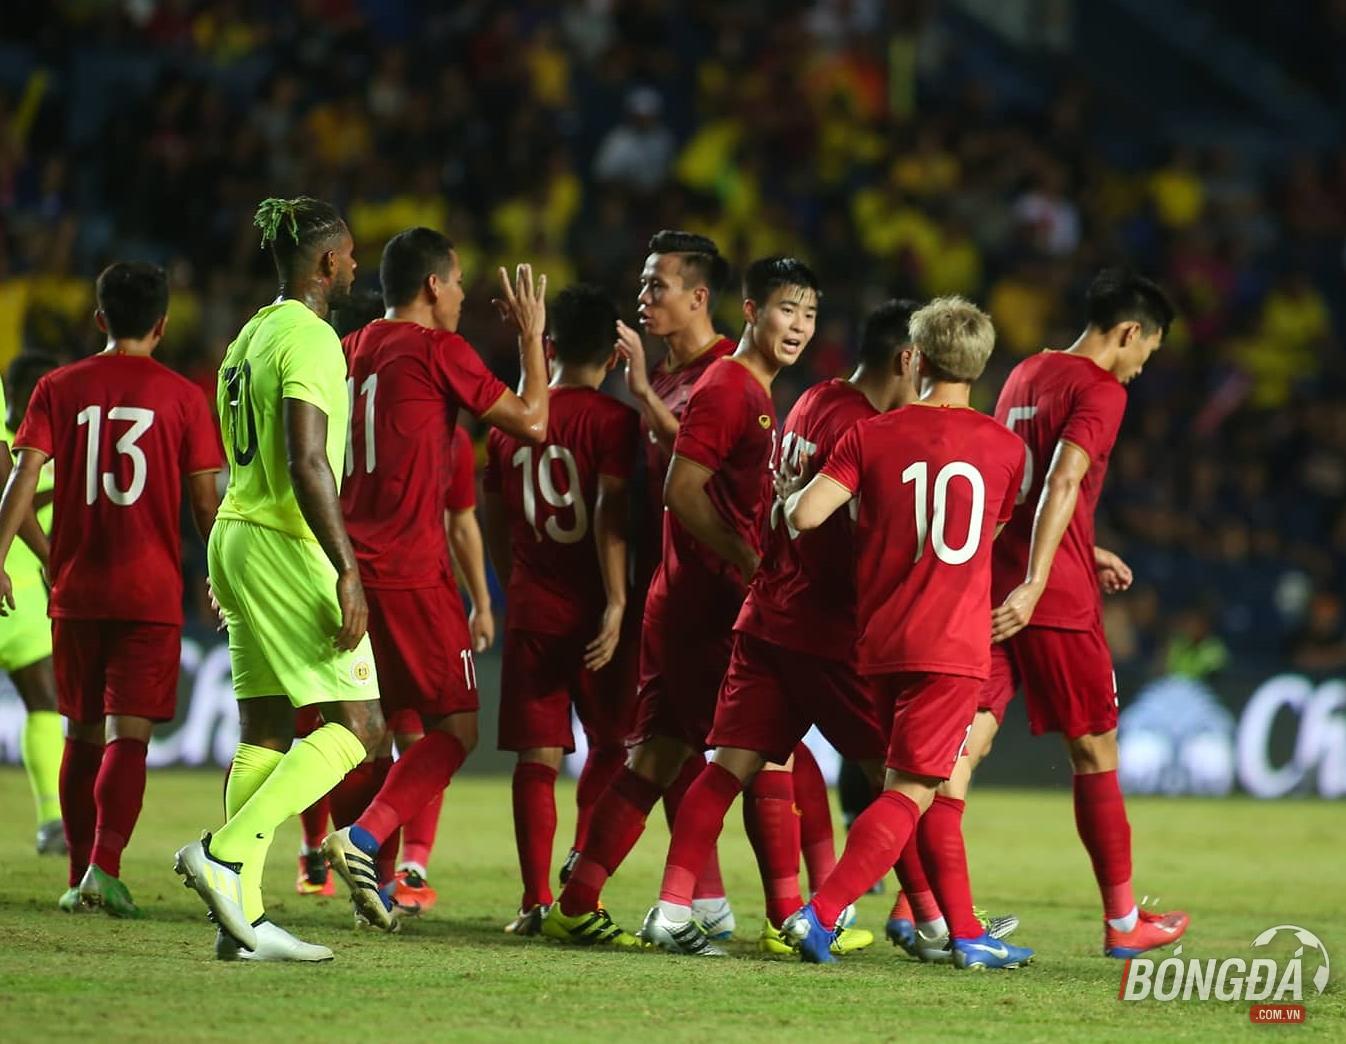 Điểm tin bóng đá Việt Nam sáng 10/06: ĐT Việt Nam sẽ chạm trán Thái Lan tại vòng loại World Cup 2022? - Bóng Đá